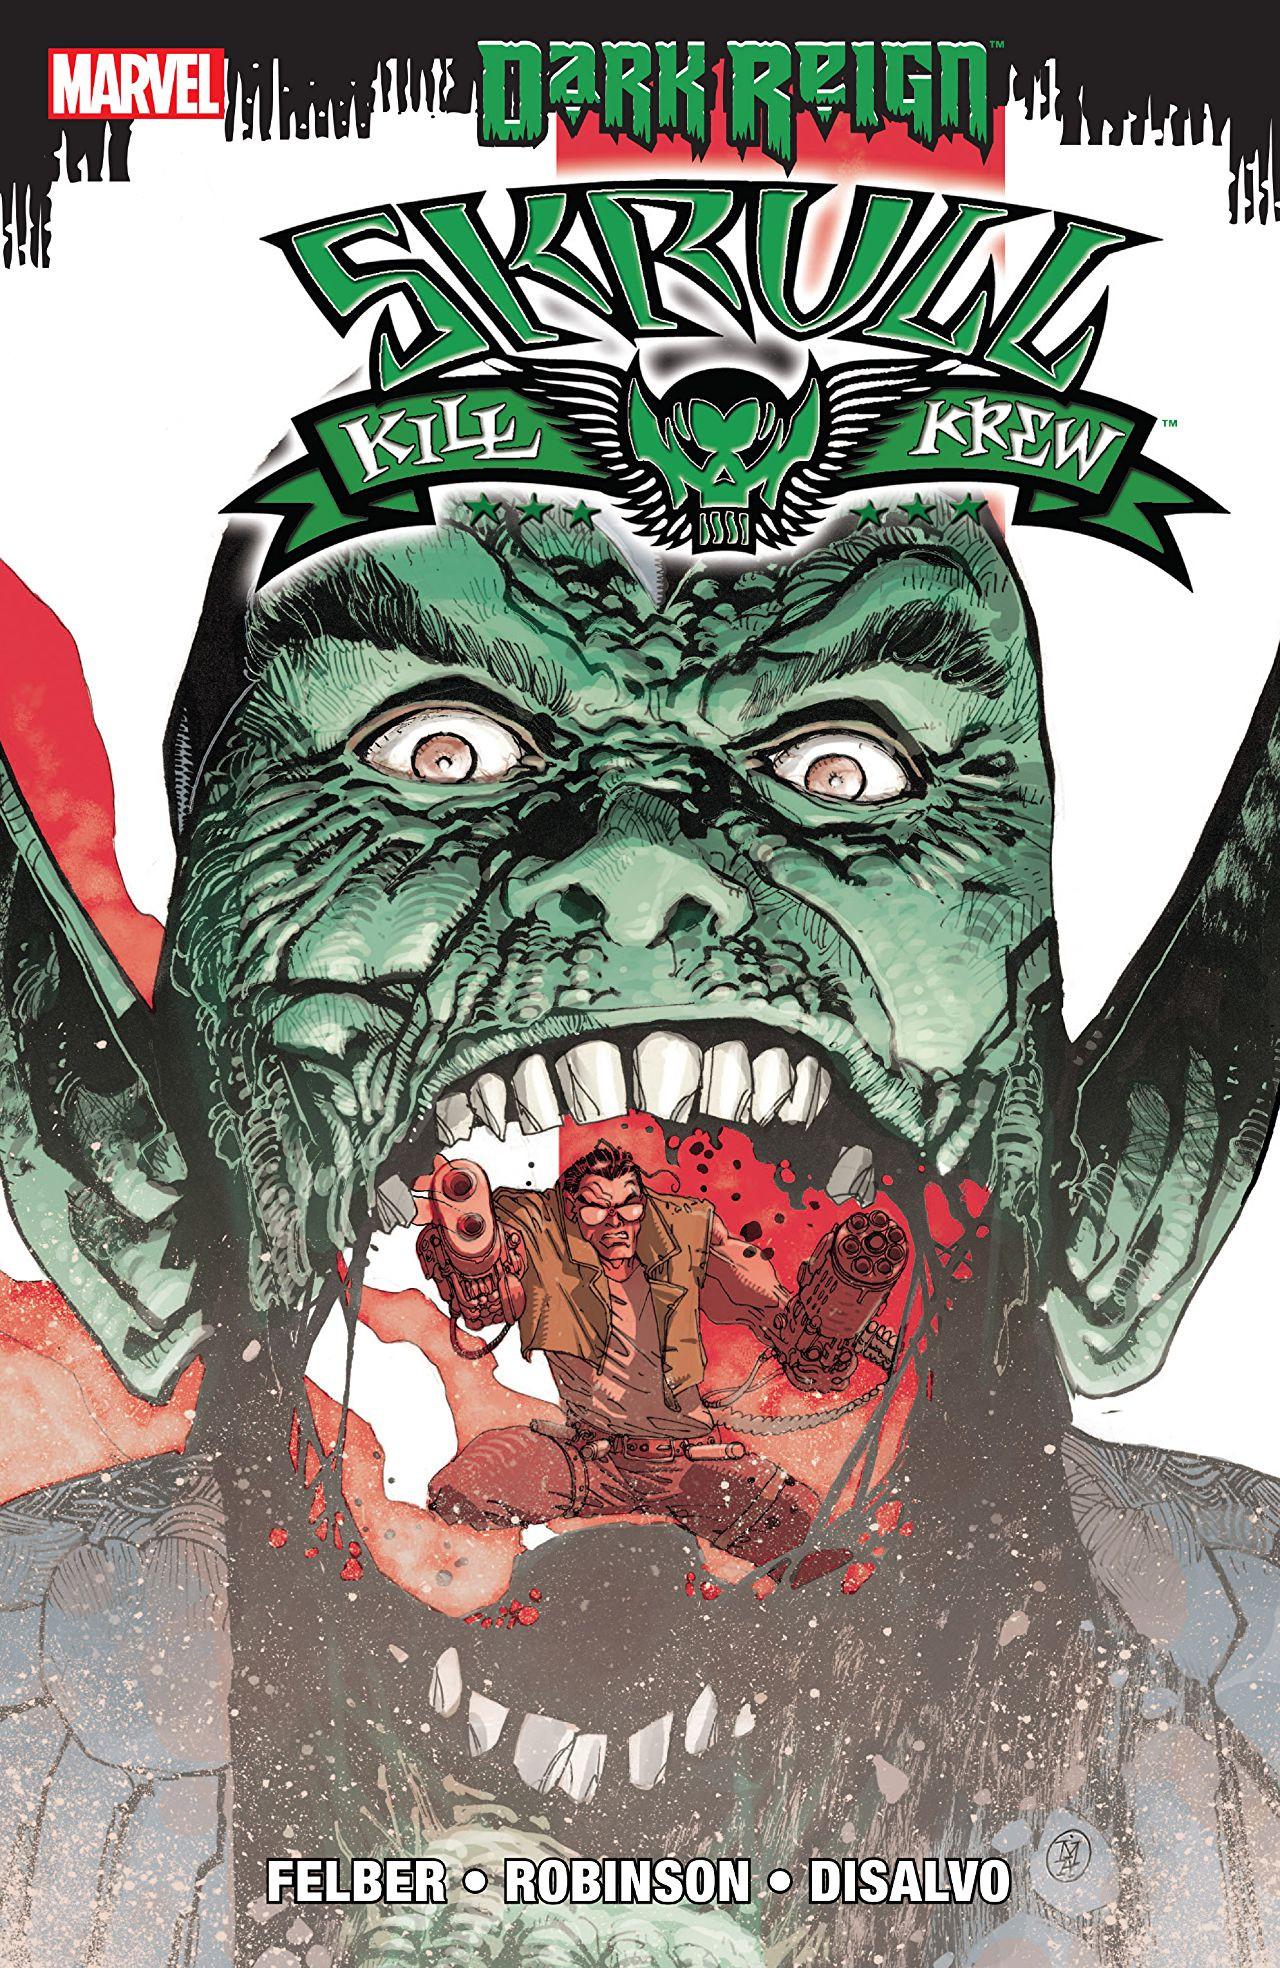 Dark Reign: Skrull Kill Krew TPB Vol 1 1